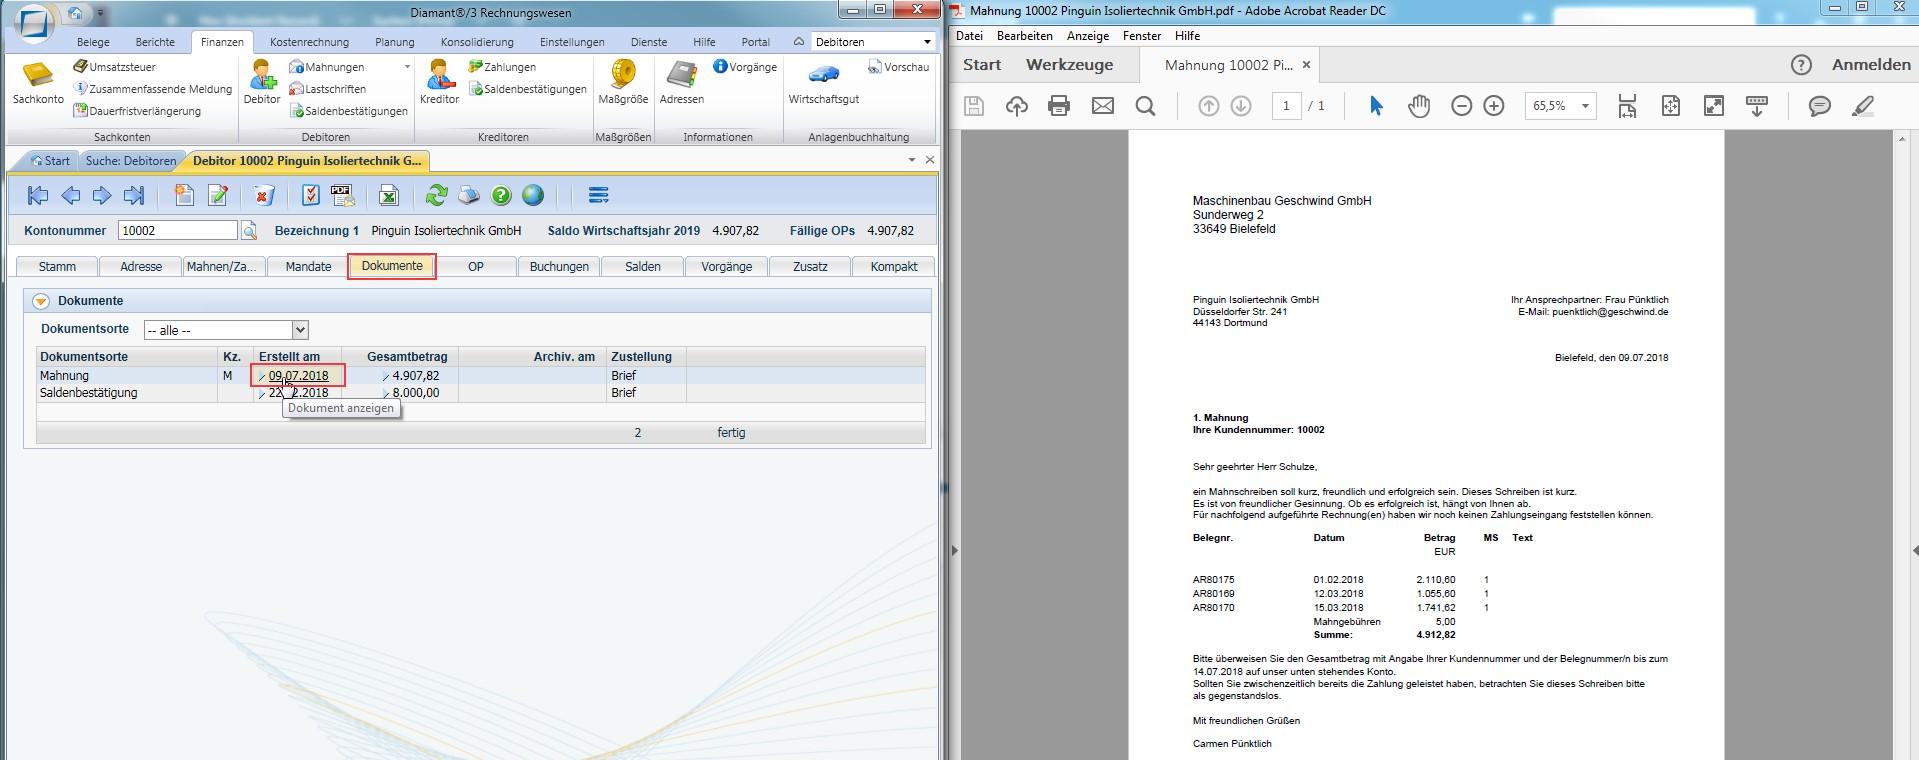 Produktives-Debitoren-und-Kreditorenmanagement-Teil-2-Integrierte-Dokumentenablage